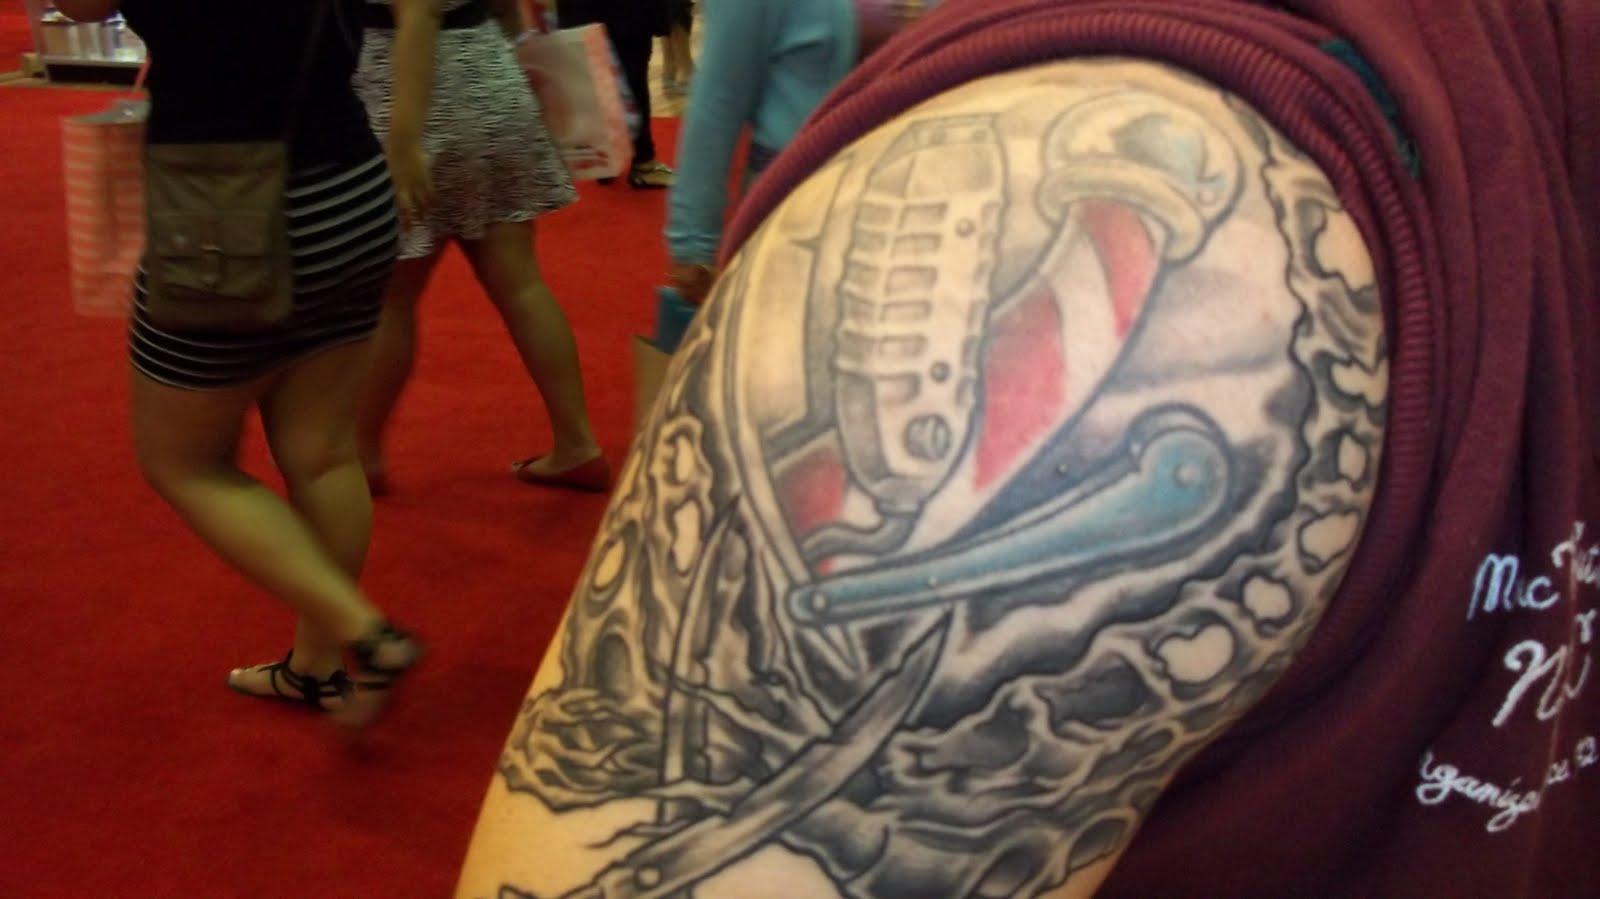 Barber Pole Tattoo : tattoos great tattoos barber pole tattoo d4m362gj barber tattoo tattoo ...